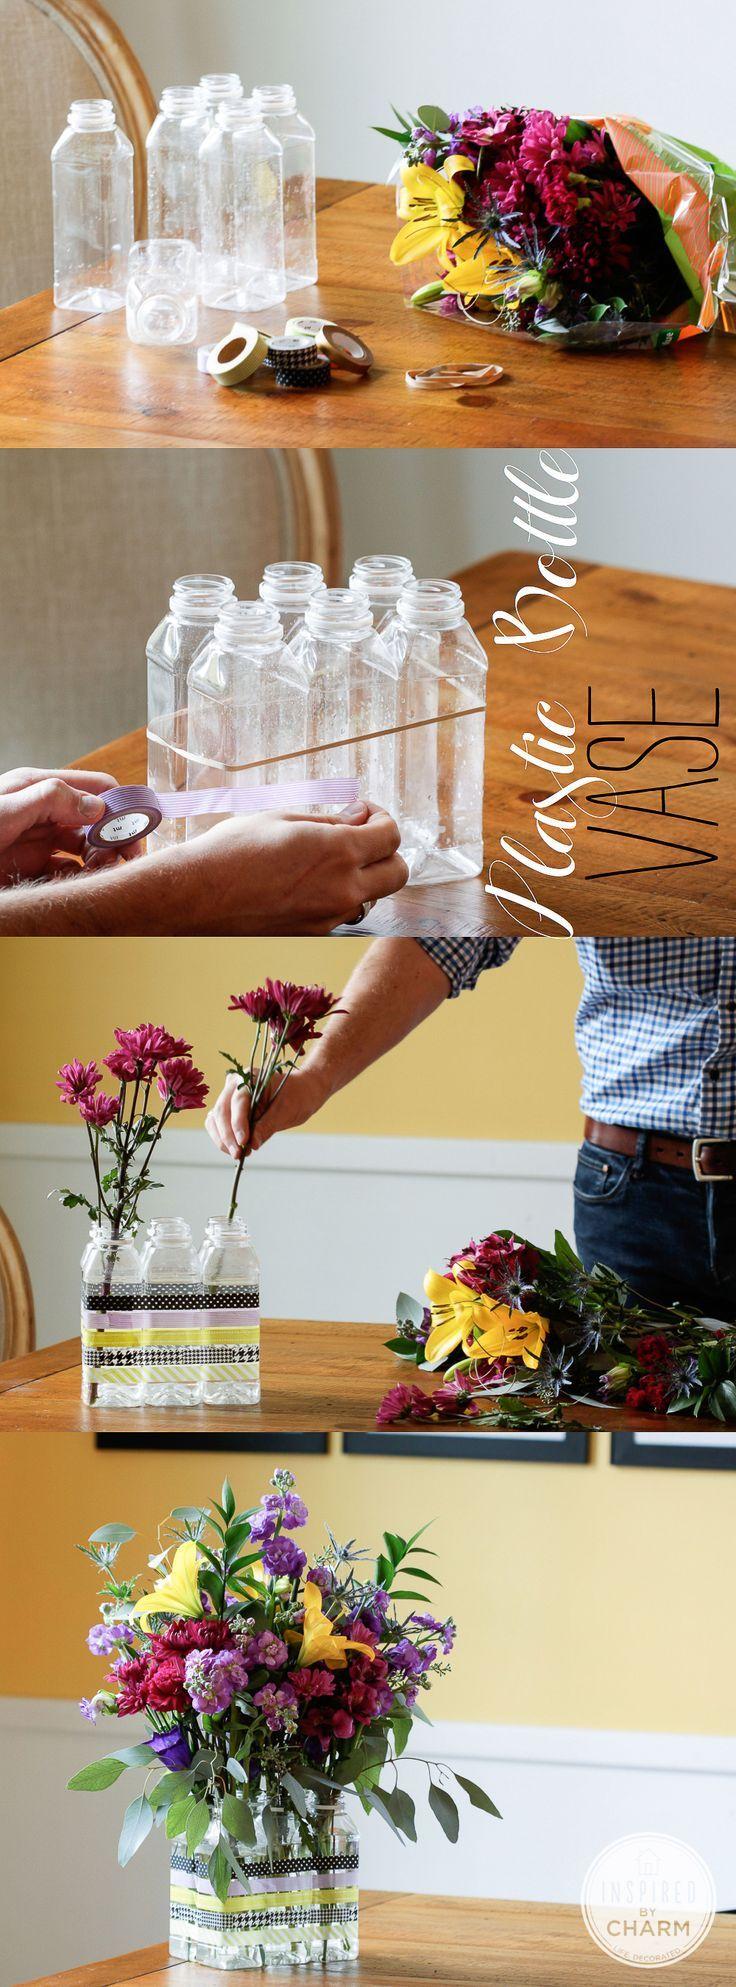 Les 25 meilleures id es de la cat gorie vase de bouteille sur pinterest bouteilles en verre - Bouteille d eau en verre ikea ...